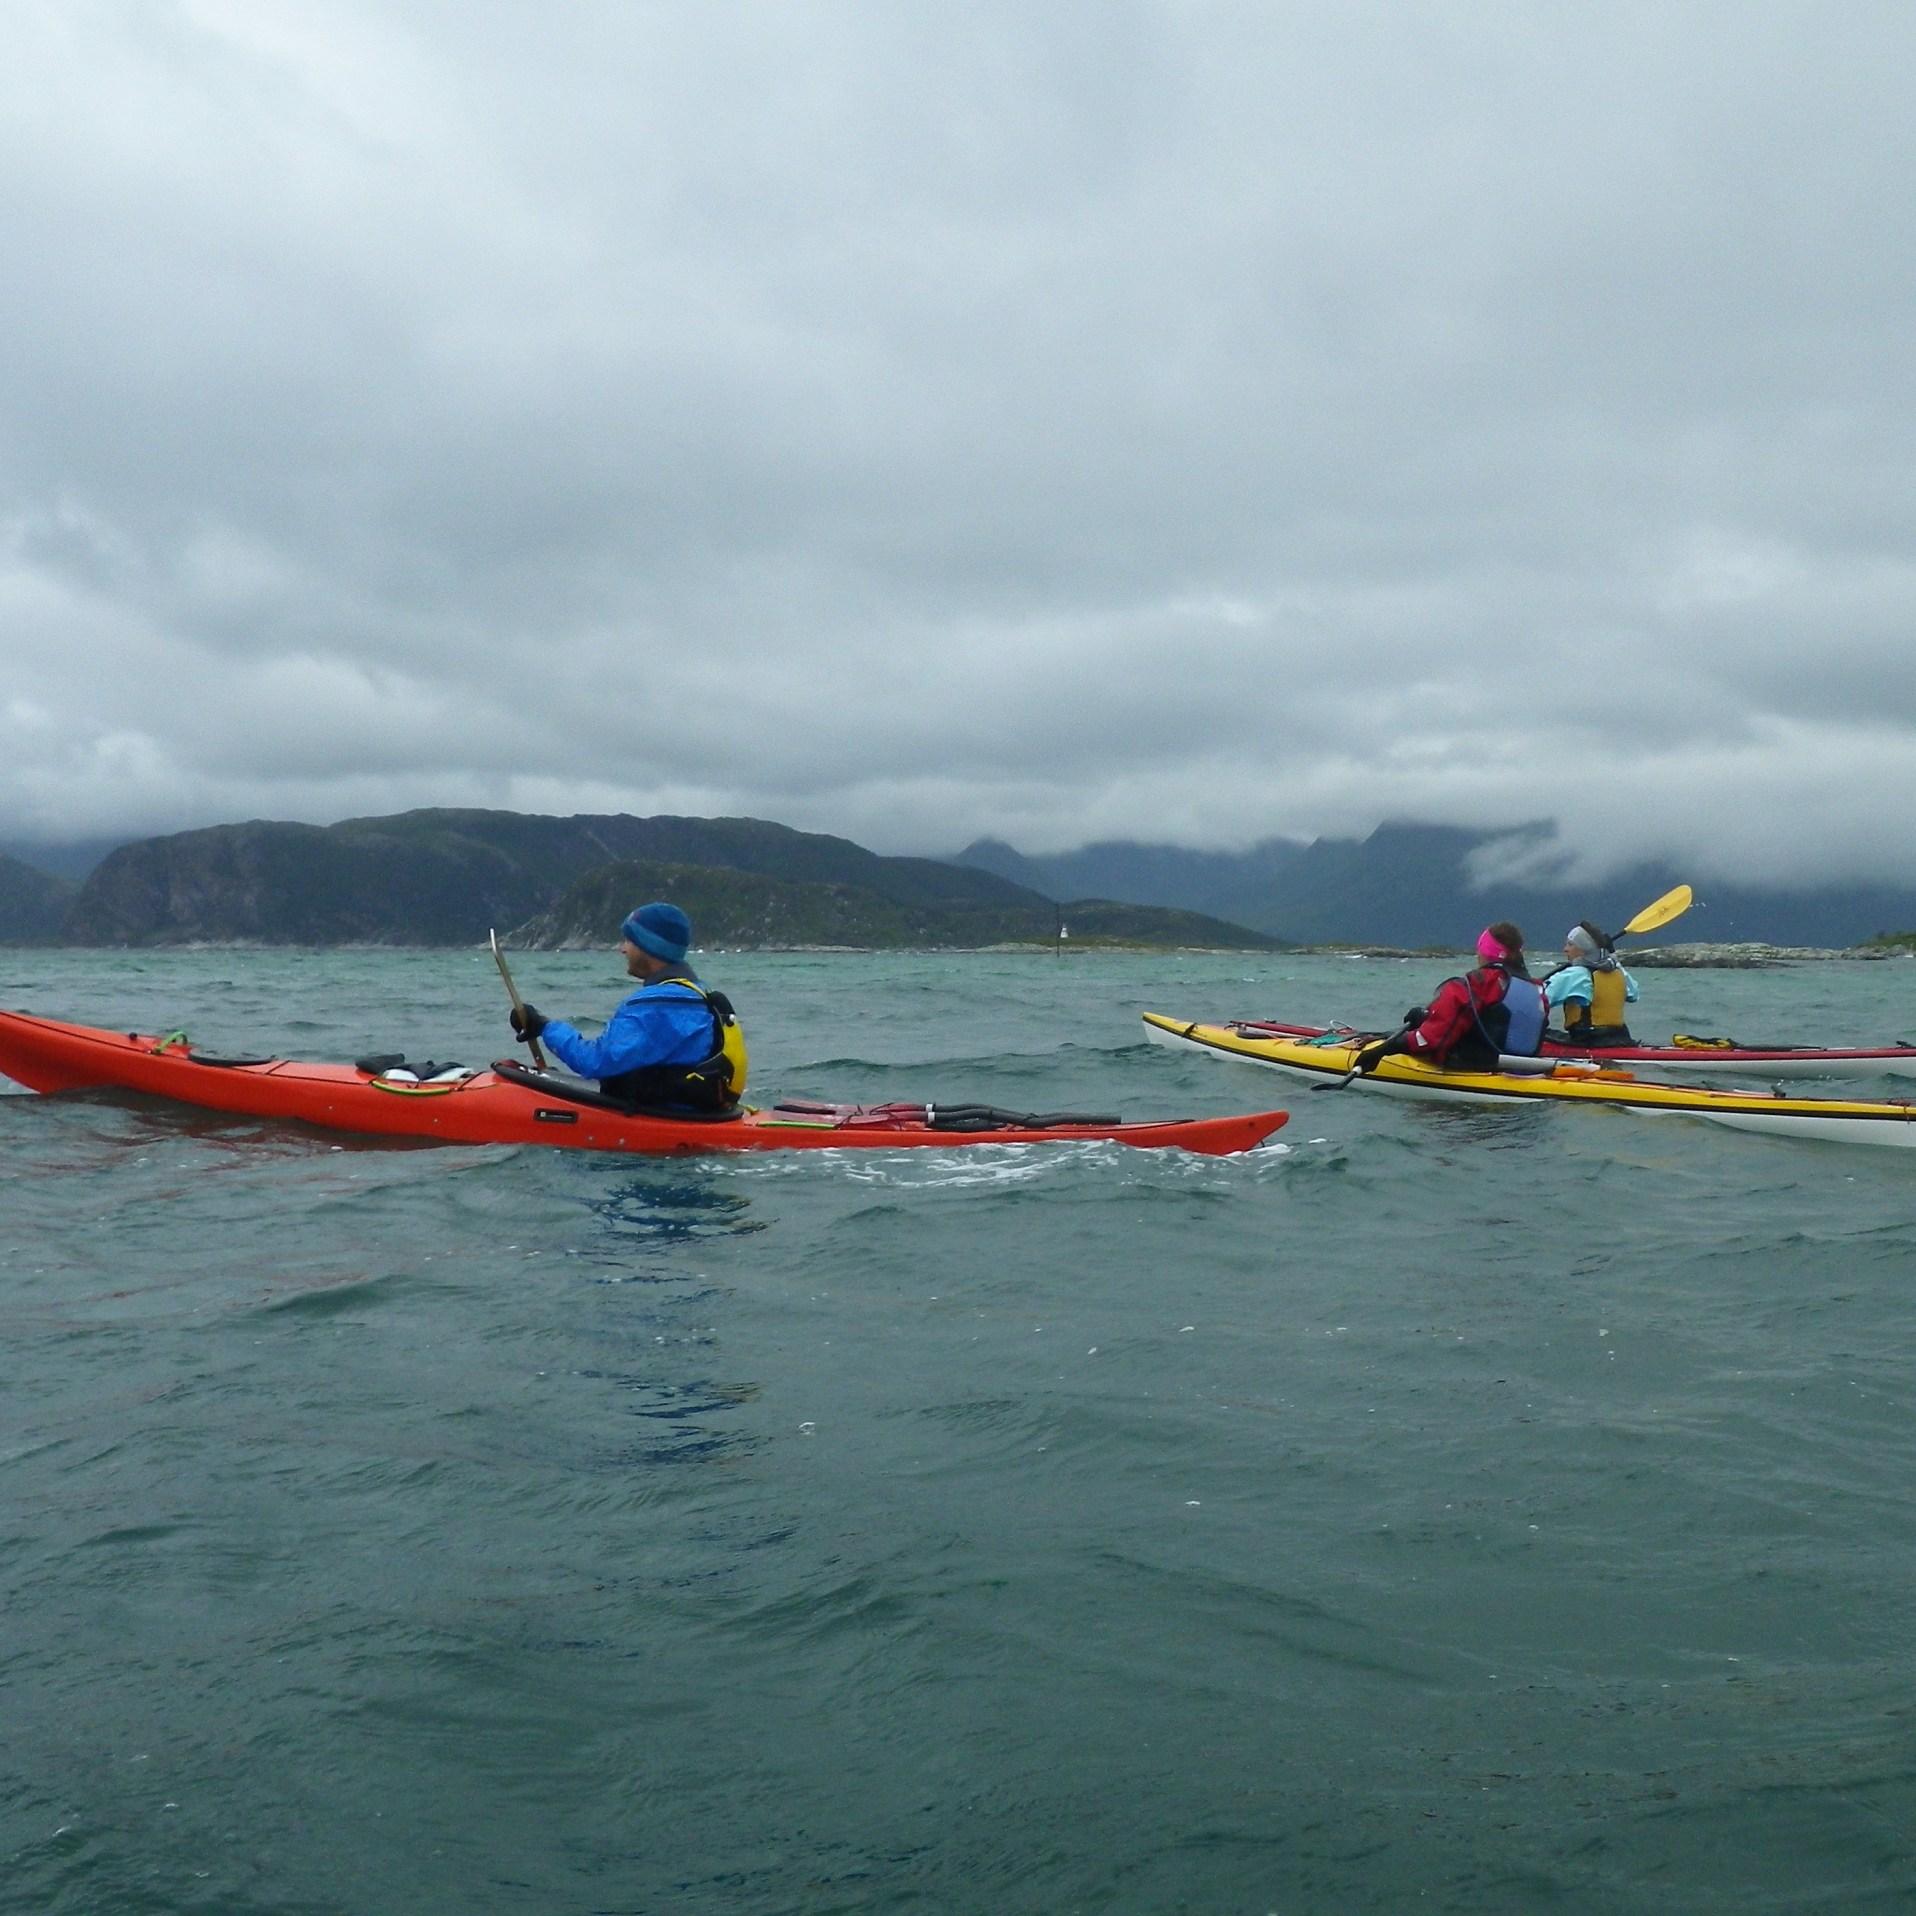 litt bølger søndag - før vi kom i de store bølgene.. Foto: Tor Johansen